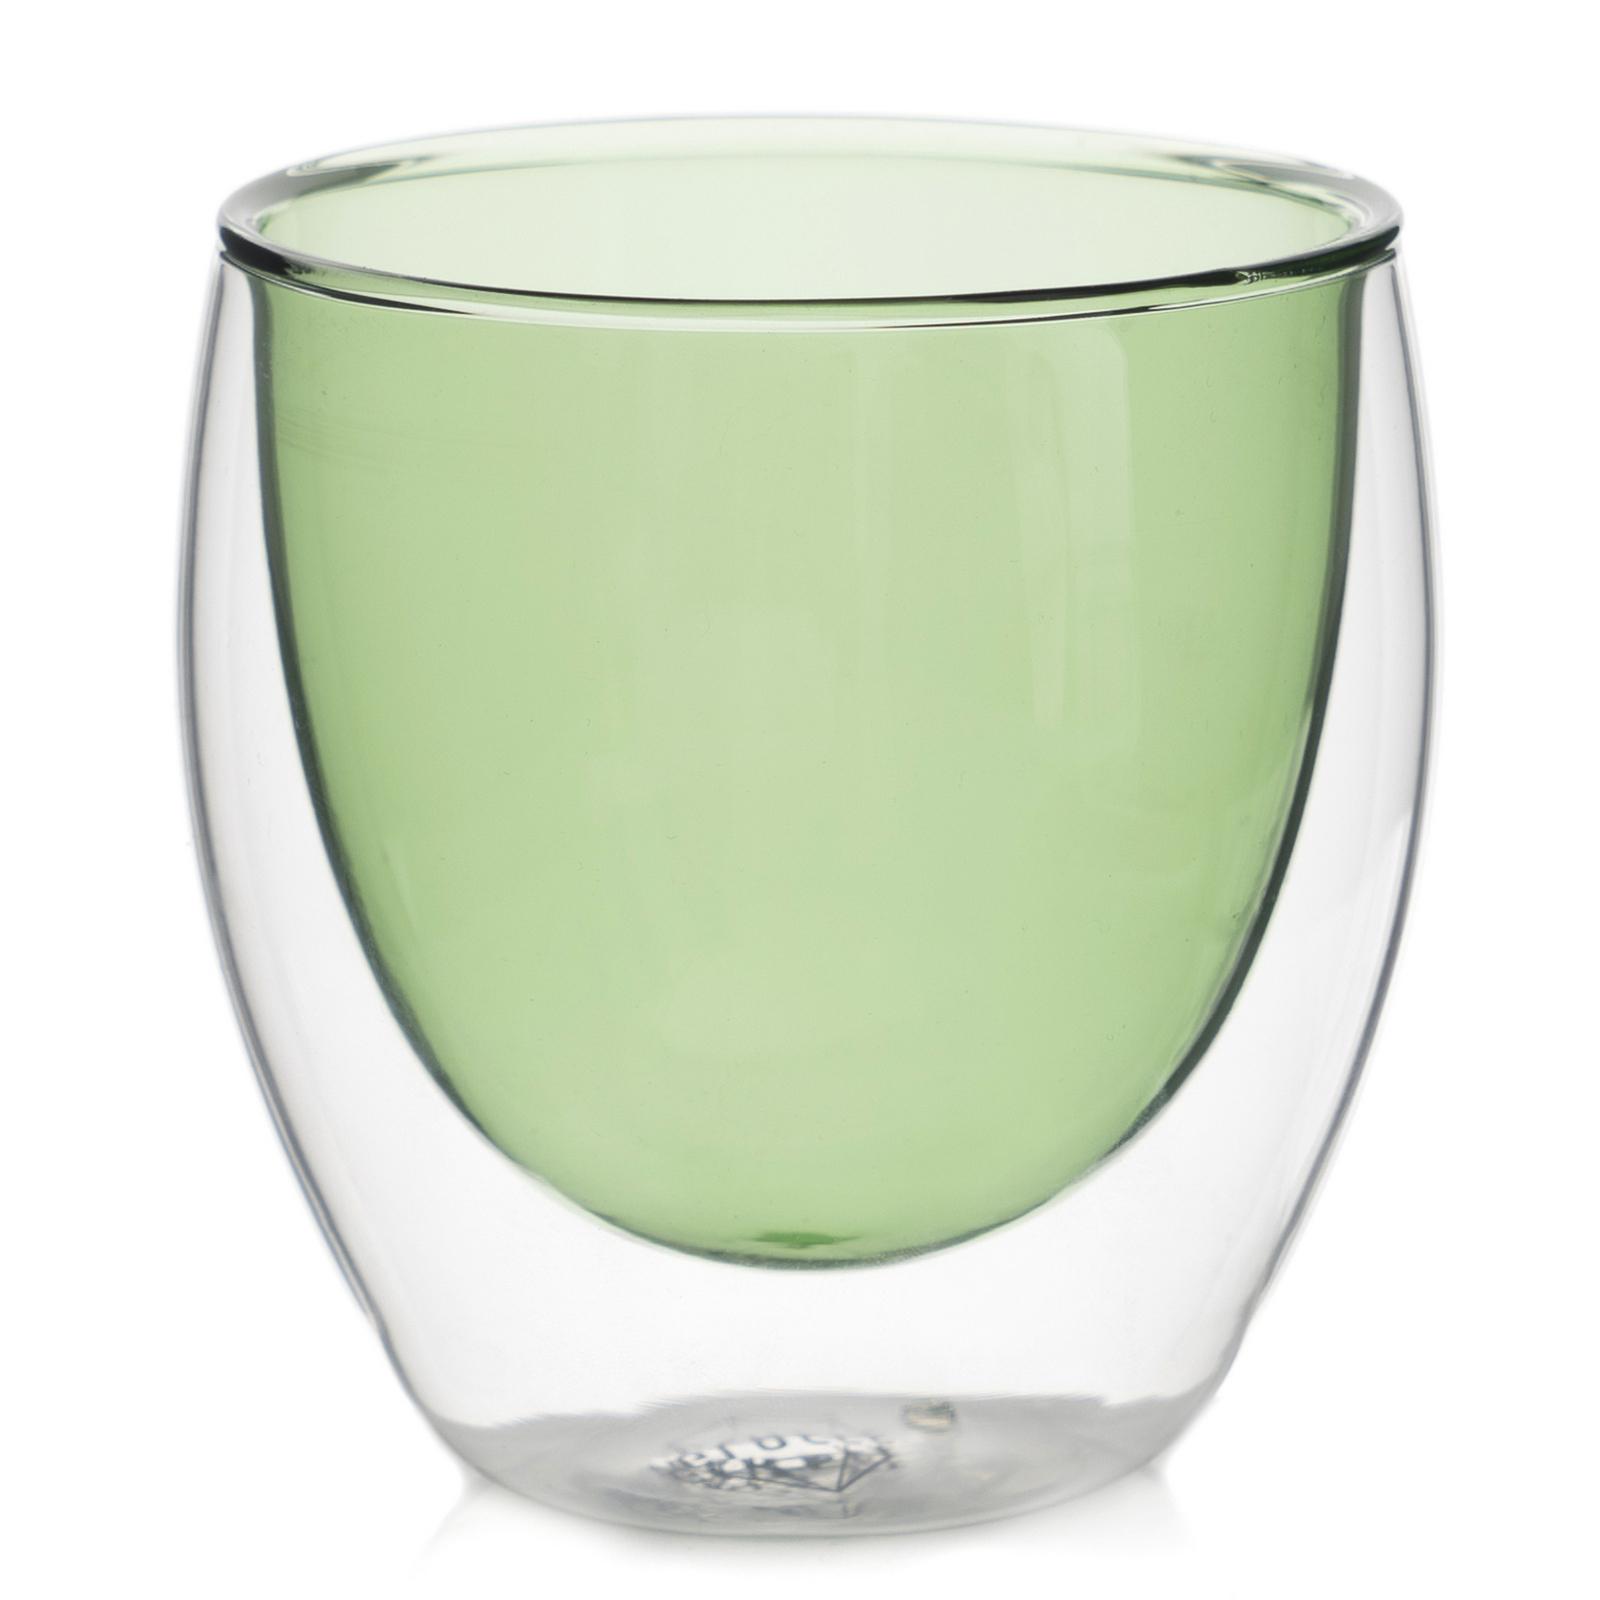 Все товары Стеклянный стакан с двойными стенками зеленого цвета, 250 мл зеленый33.jpg